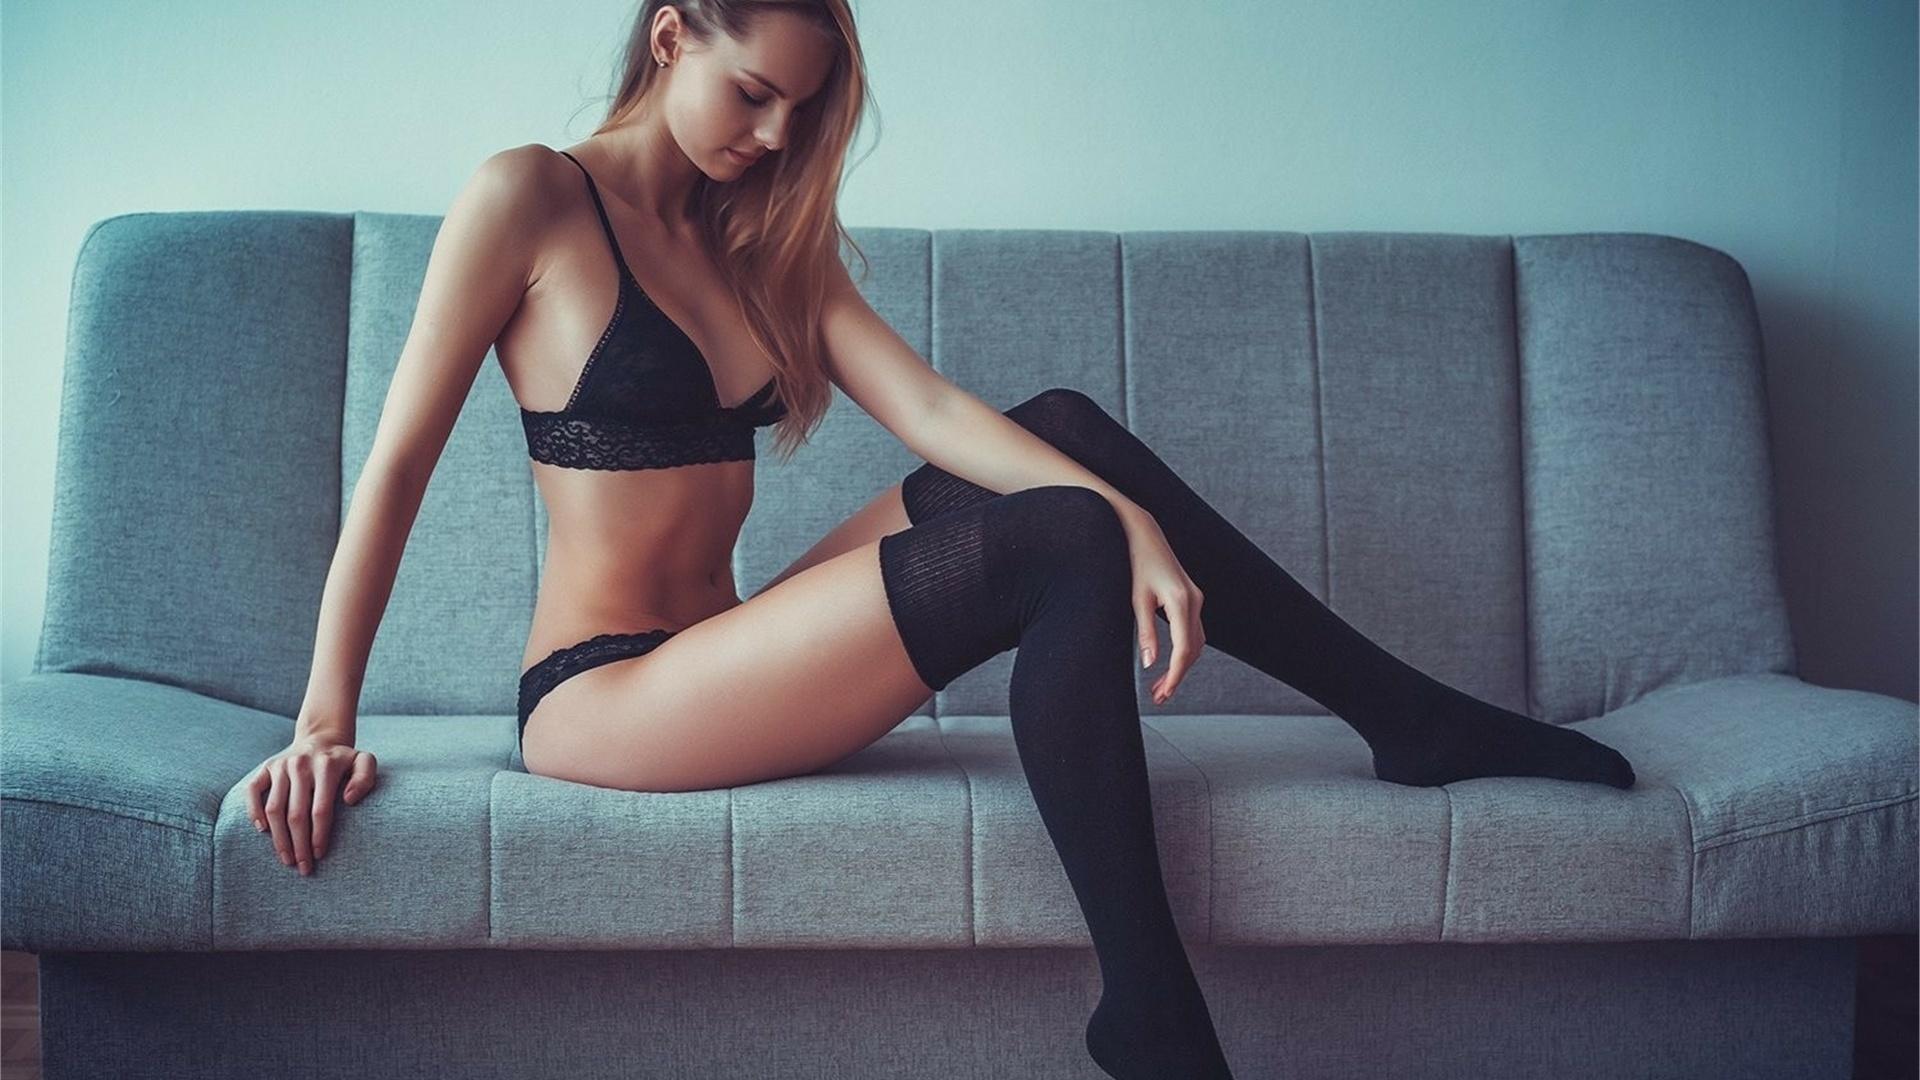 Длинноногие красотки в чулках и сексуальном нижнем белье (150 фото)